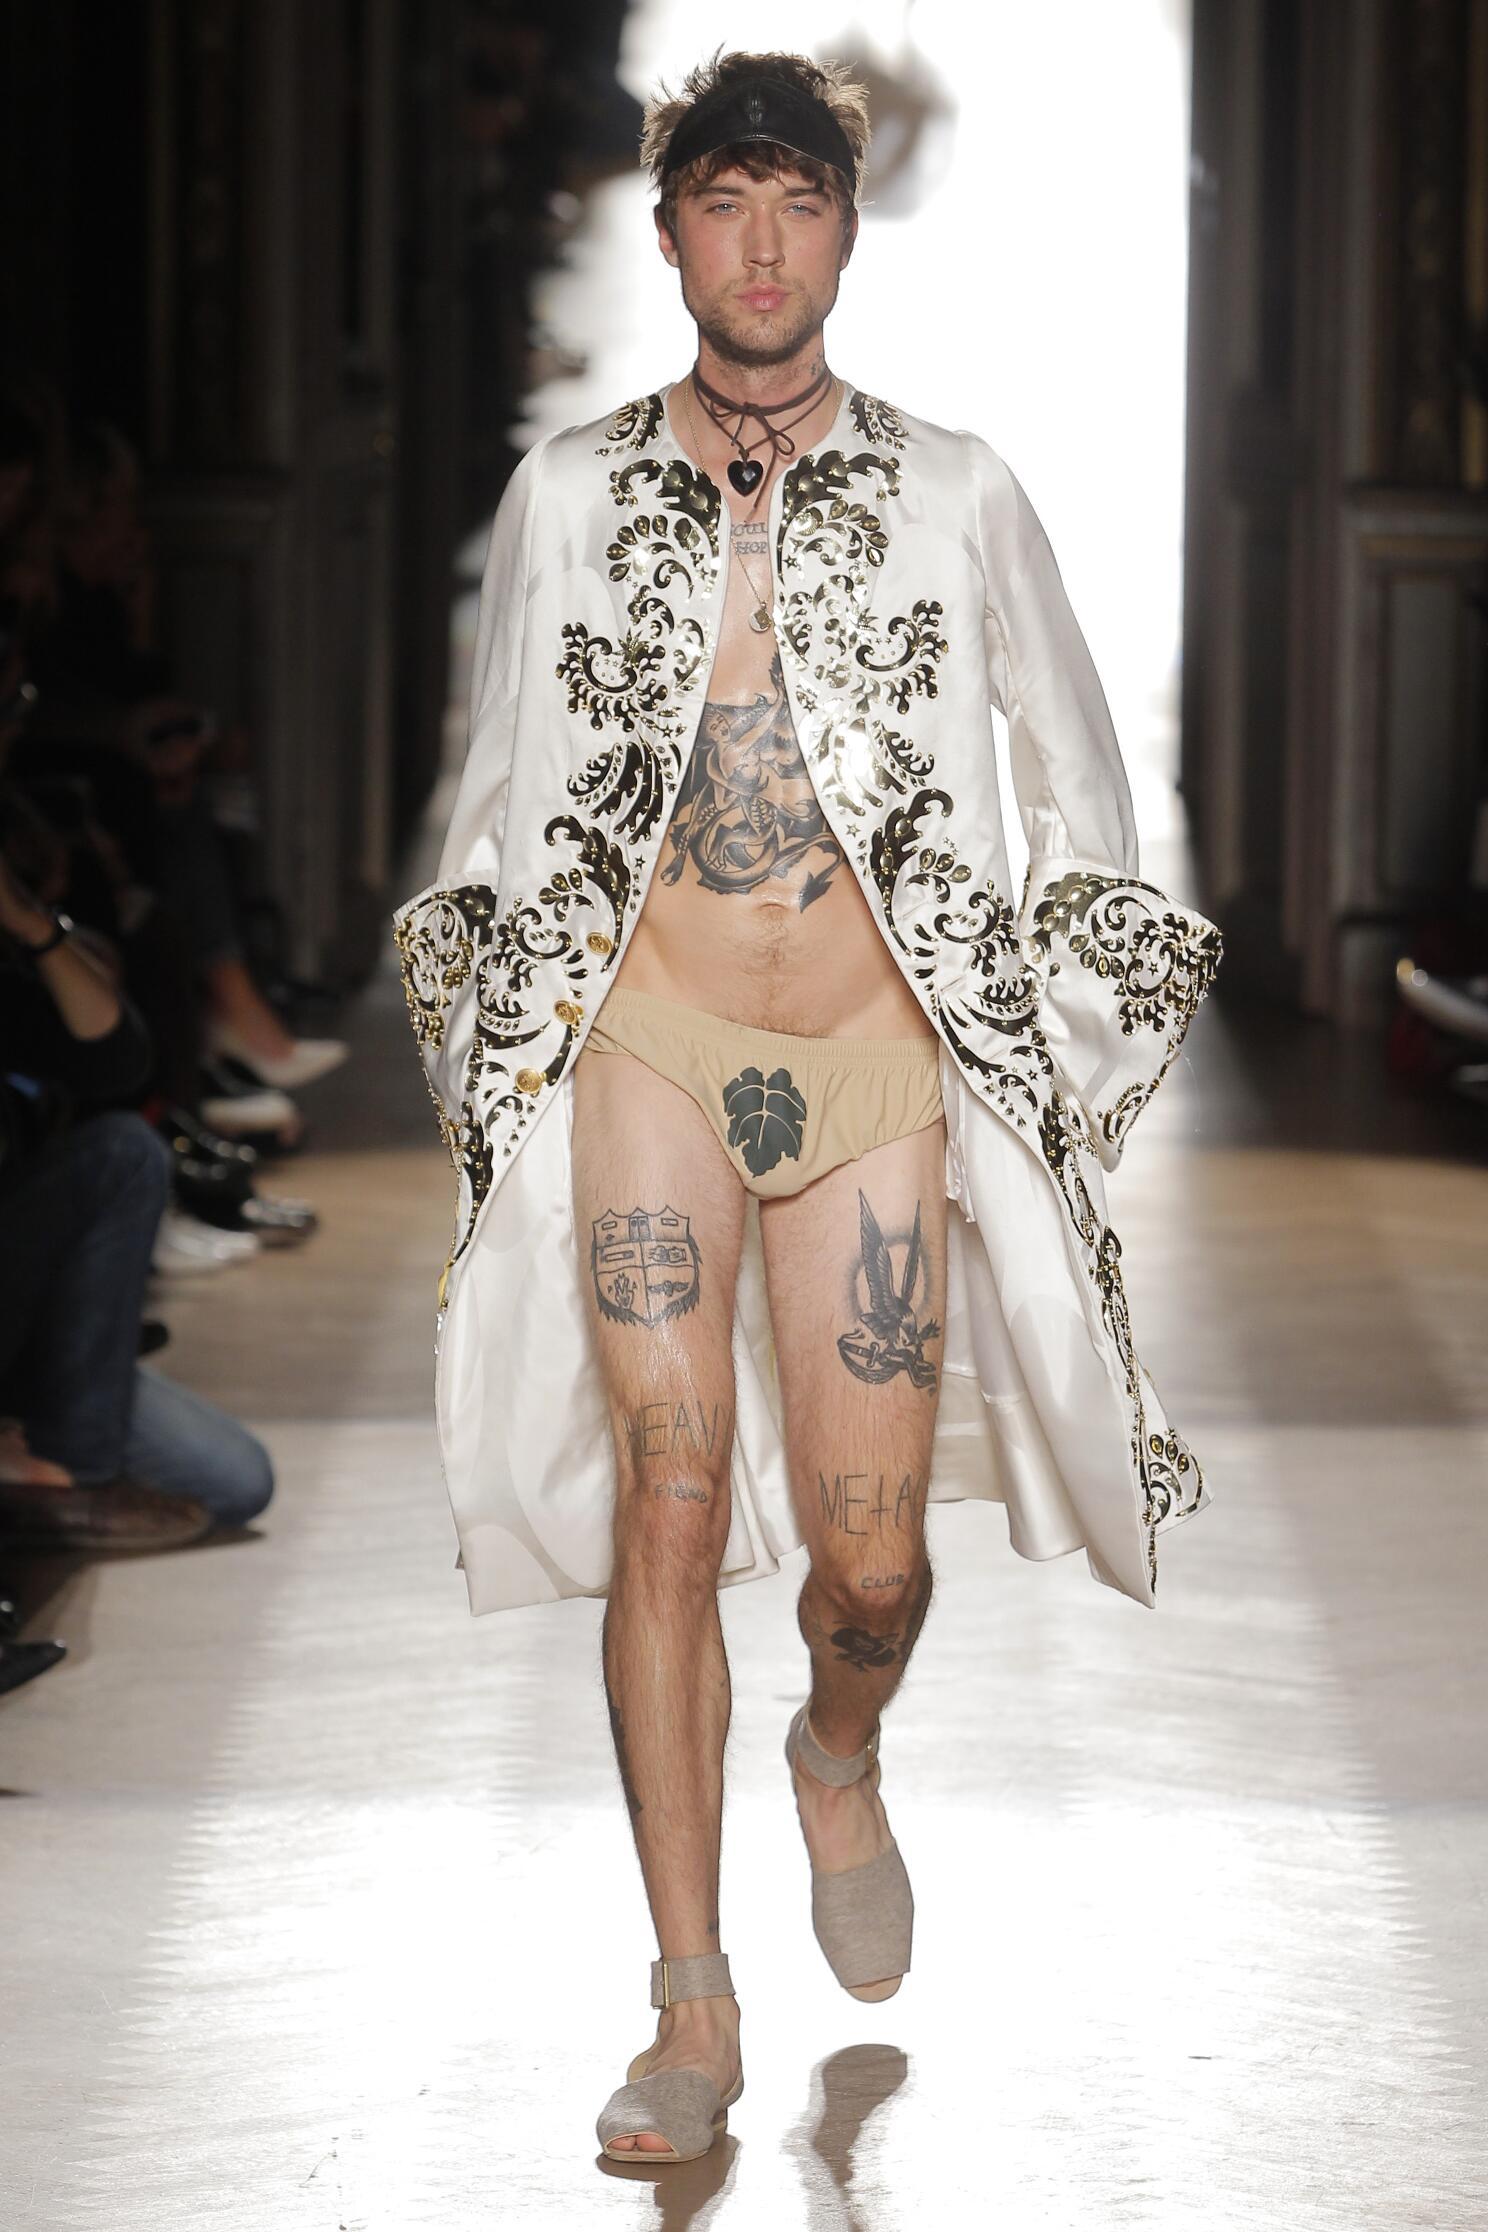 2015 Runway Vivienne Westwood Gold Label Man Fashion Show Summer